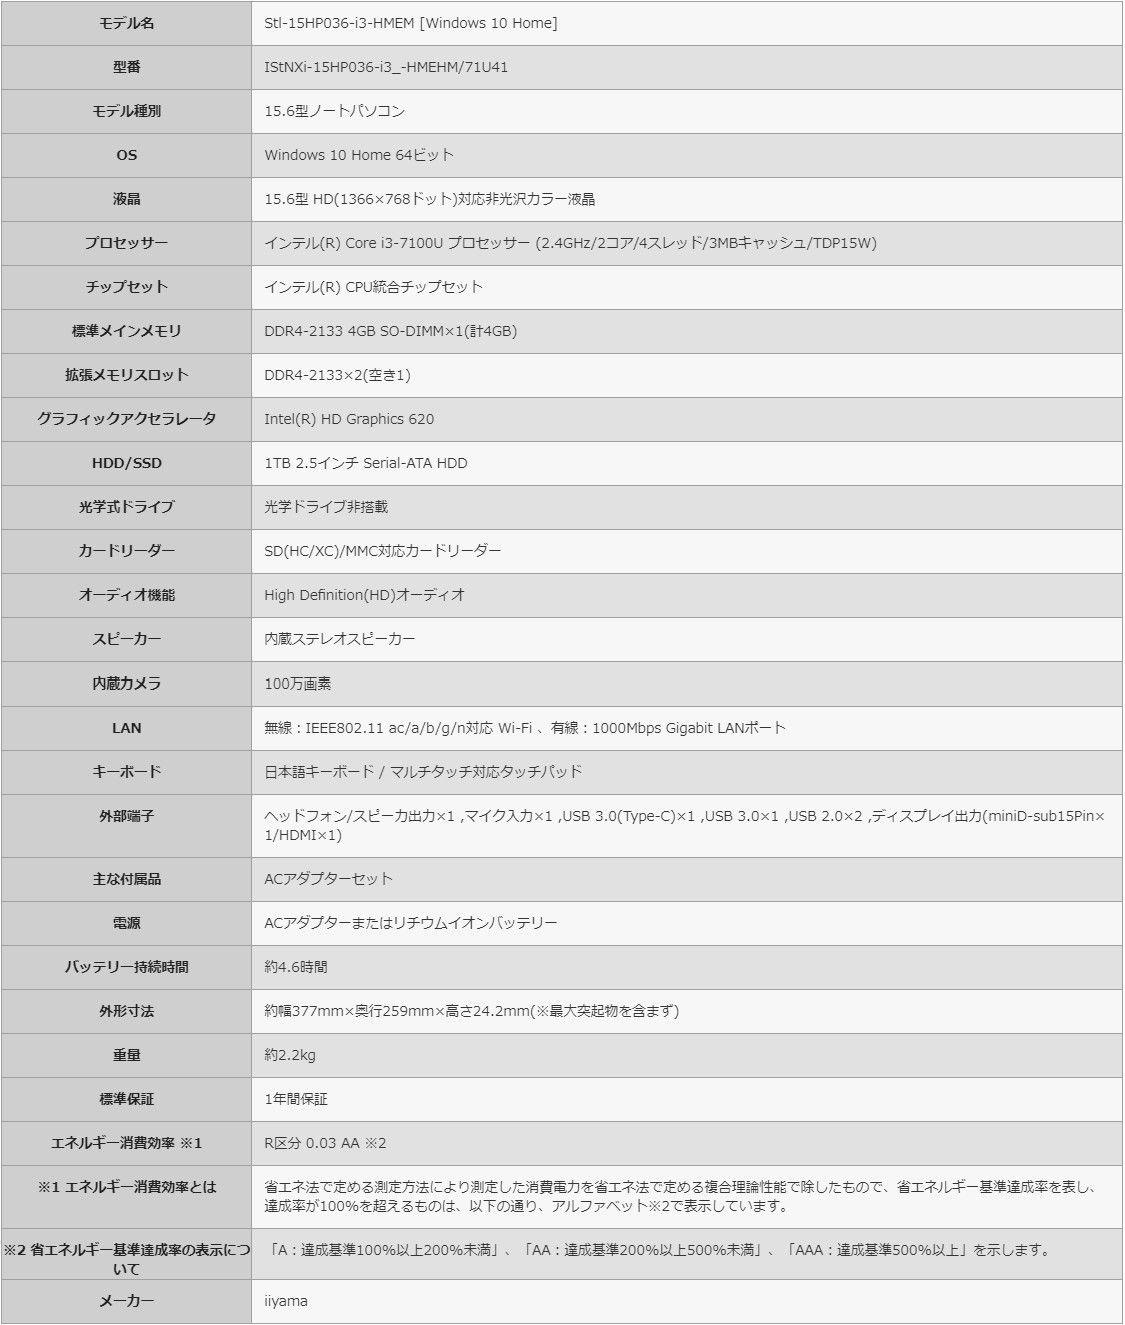 iiyama Stl-15HP036-i3-HMEM スペック表